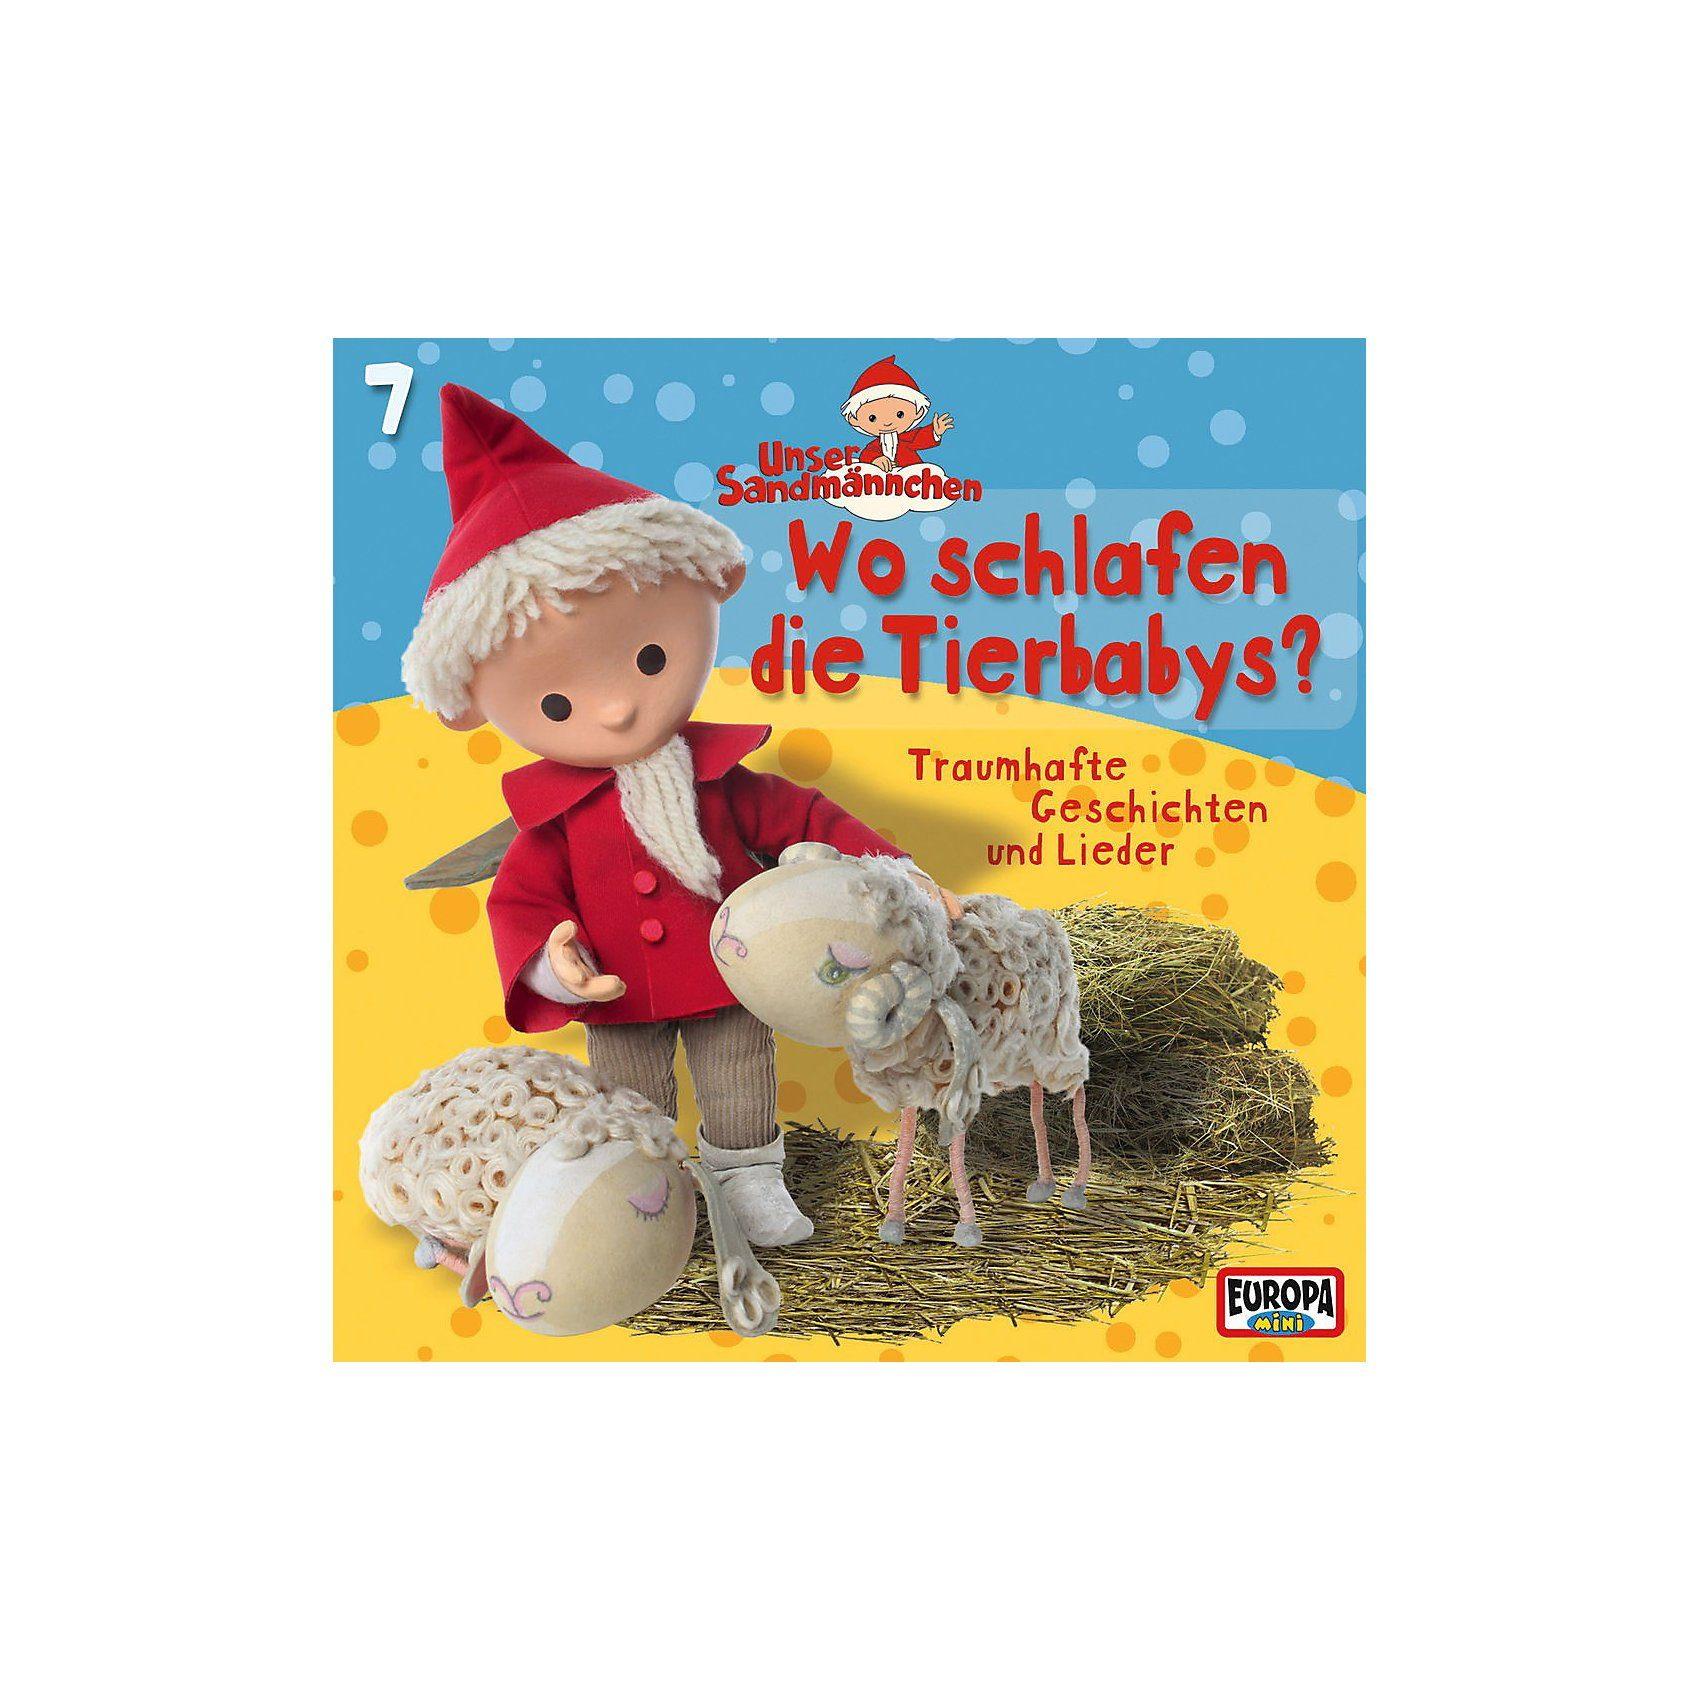 Sony CD Unser Sandmännchen 07 - Wo schlafen die Tierbabys?